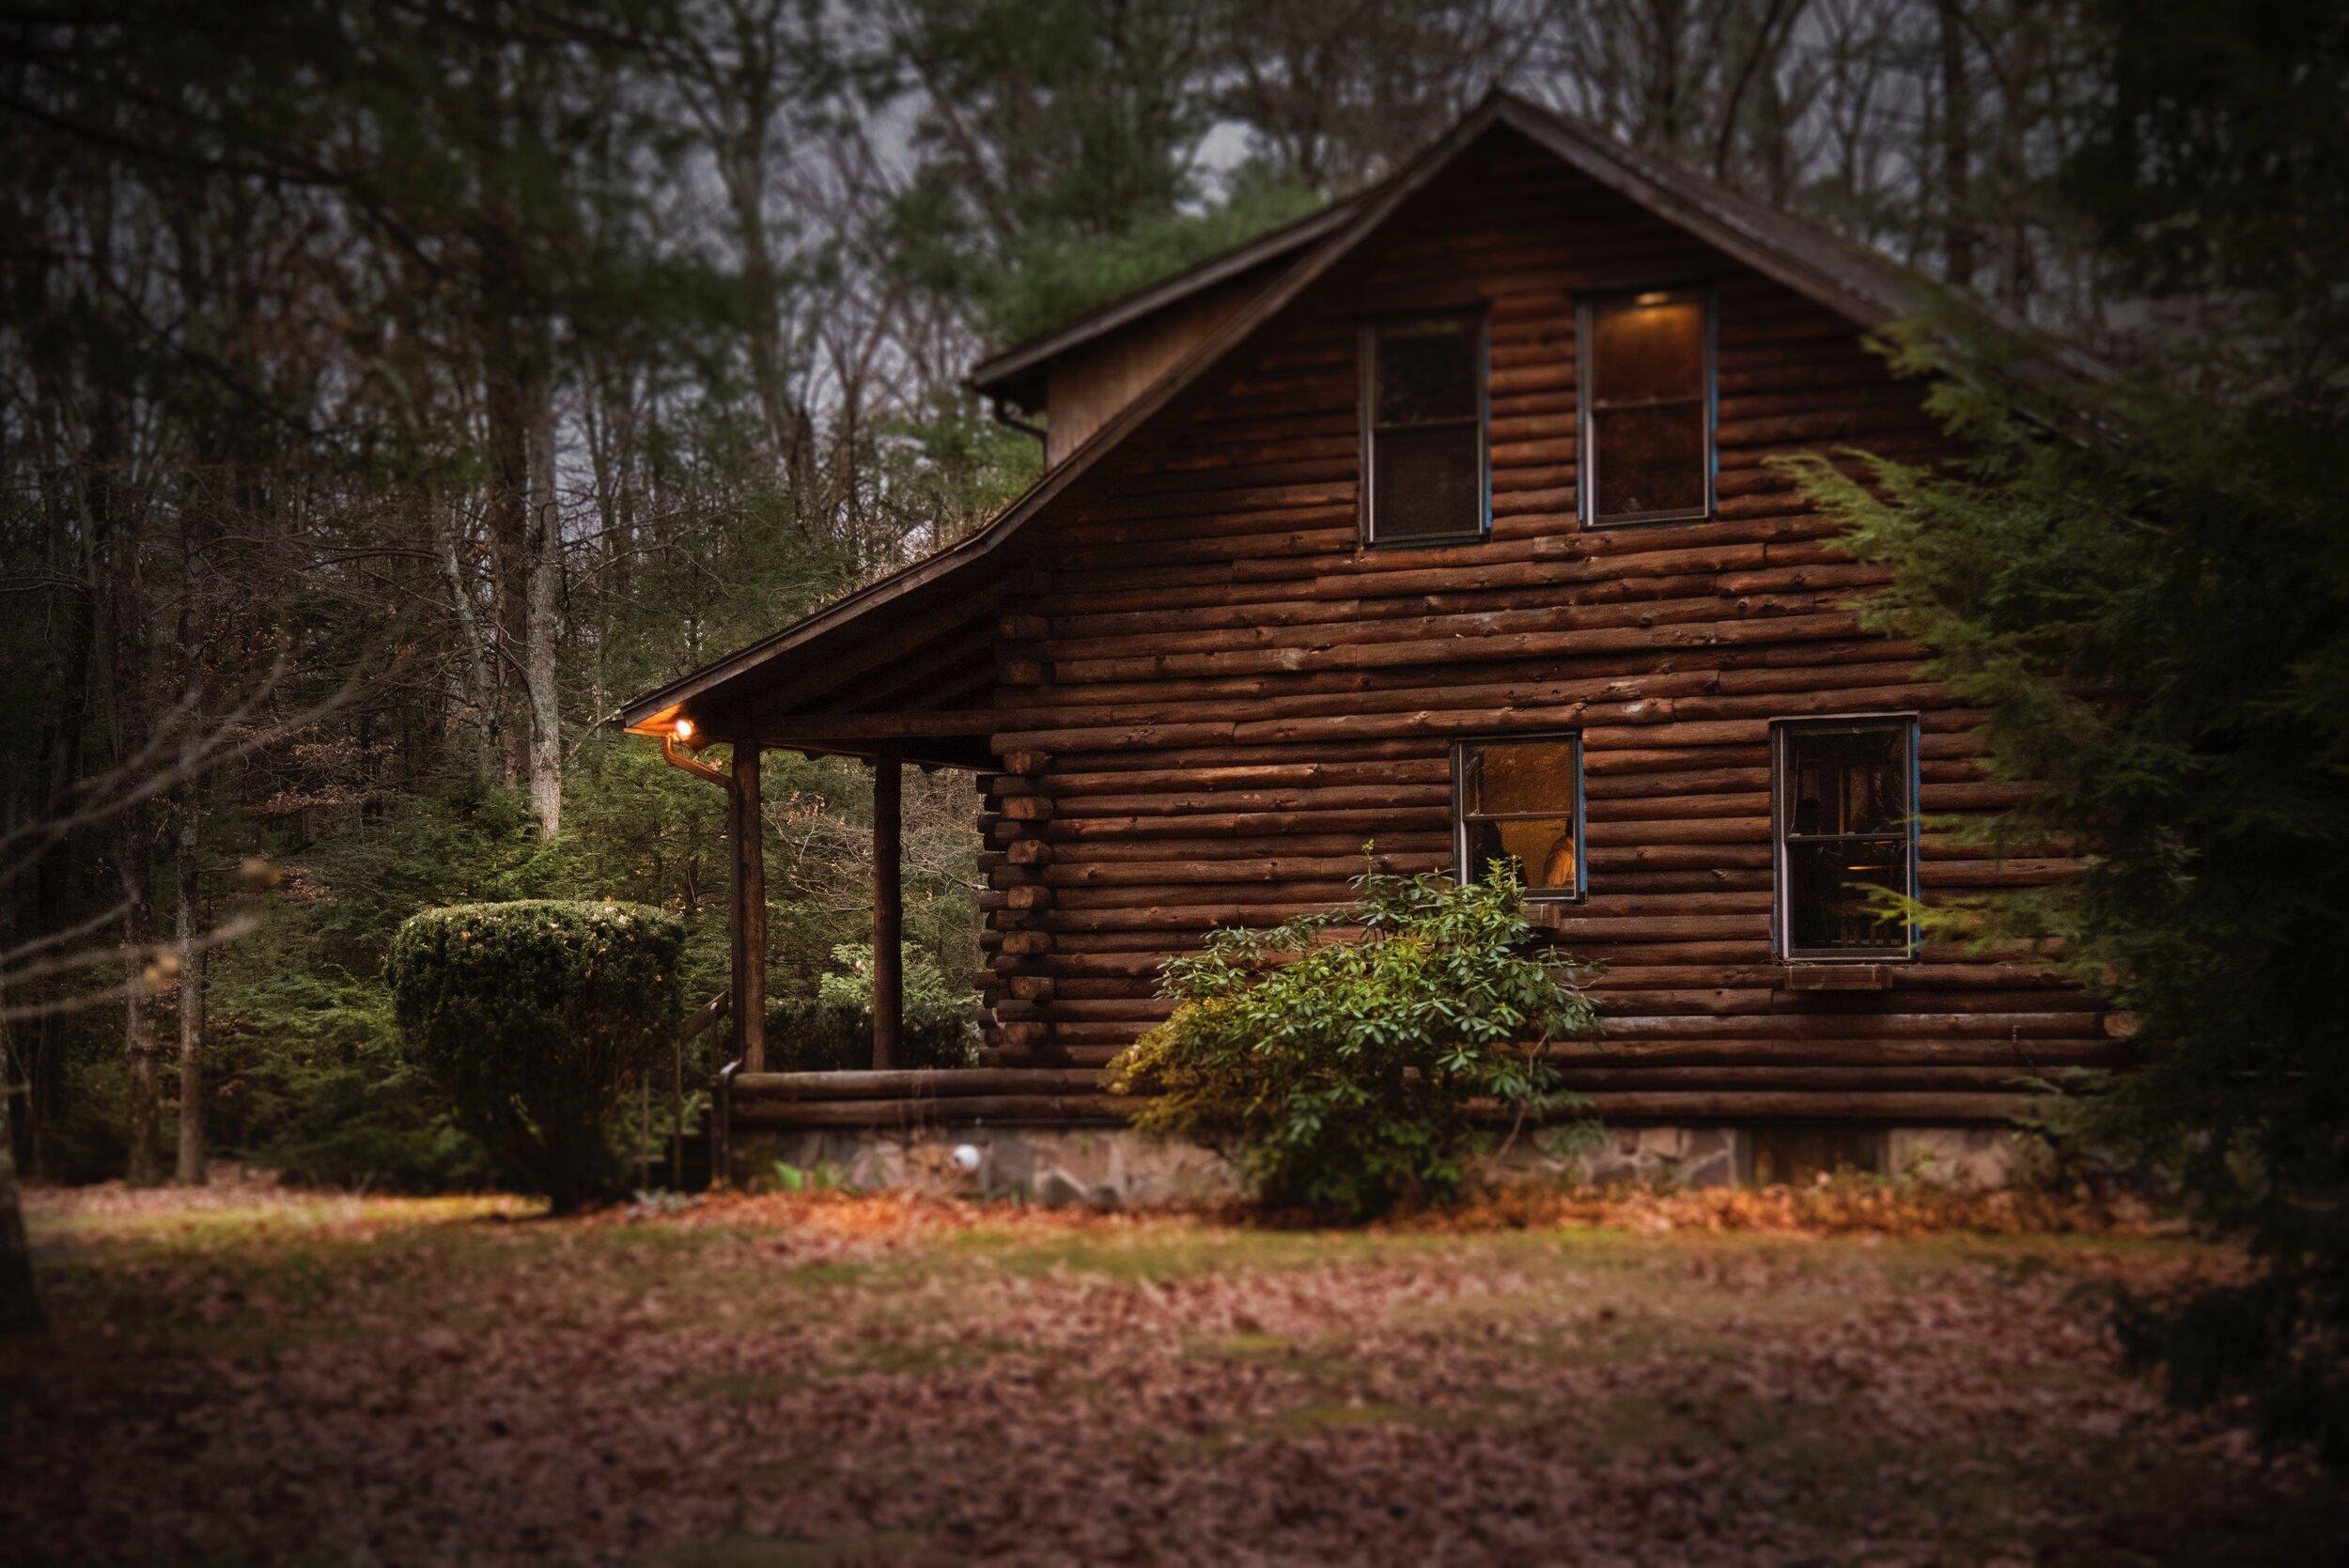 architecture-autumn-barn-803975.jpg